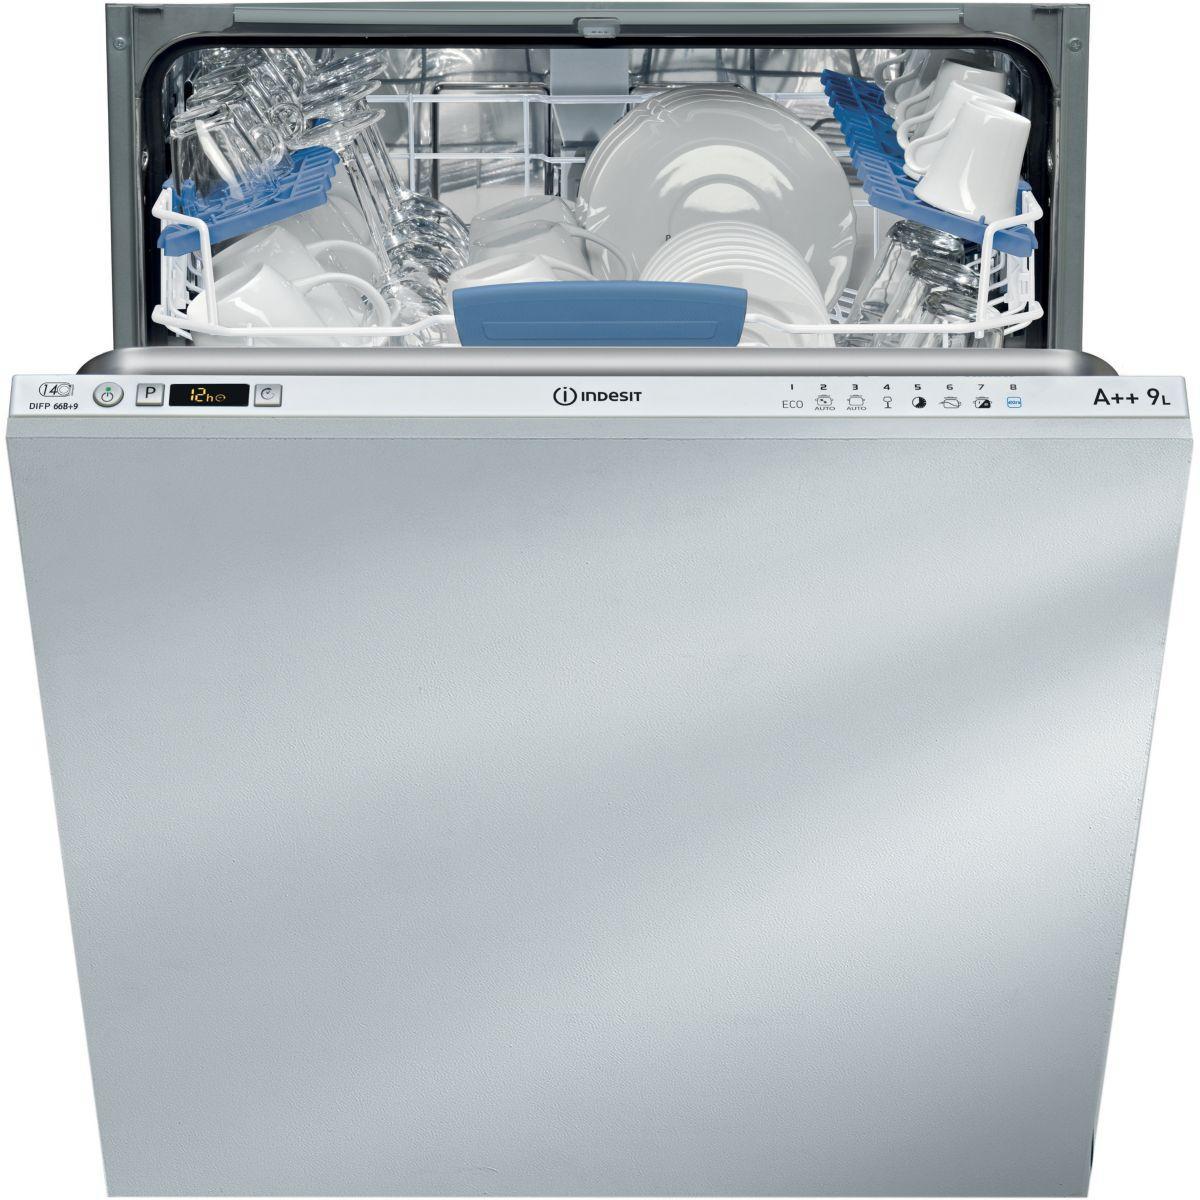 Lave vaisselle tout int?grable indesit difp66b+9 eu - livraiso...